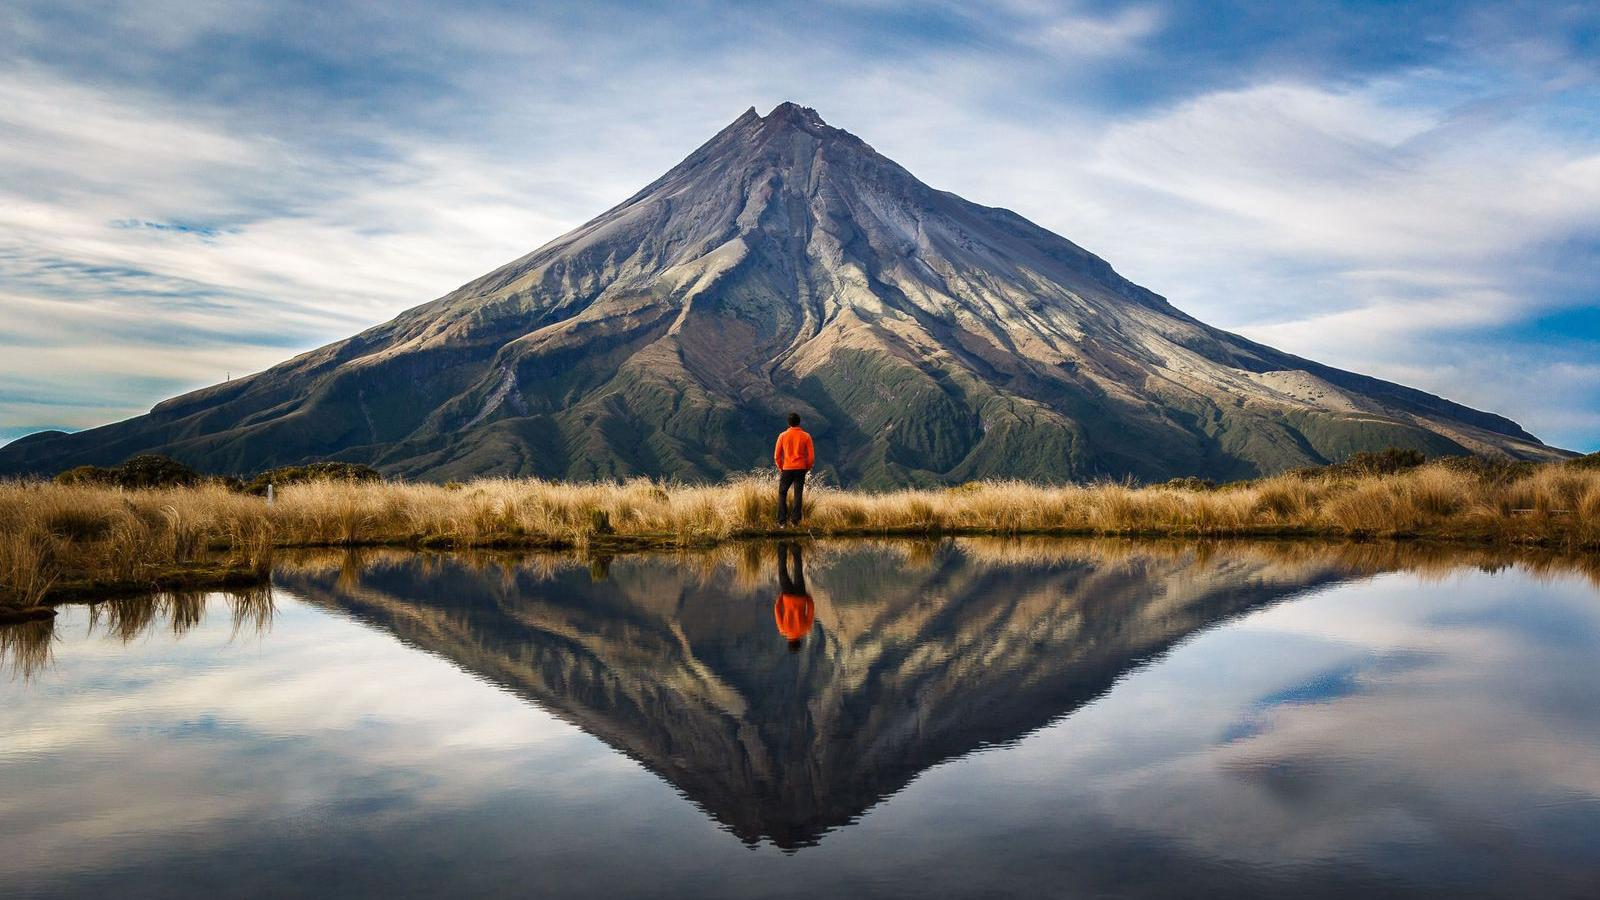 Népszava Jogi személyiség lett a Taranaki-hegy a28f29cf6d